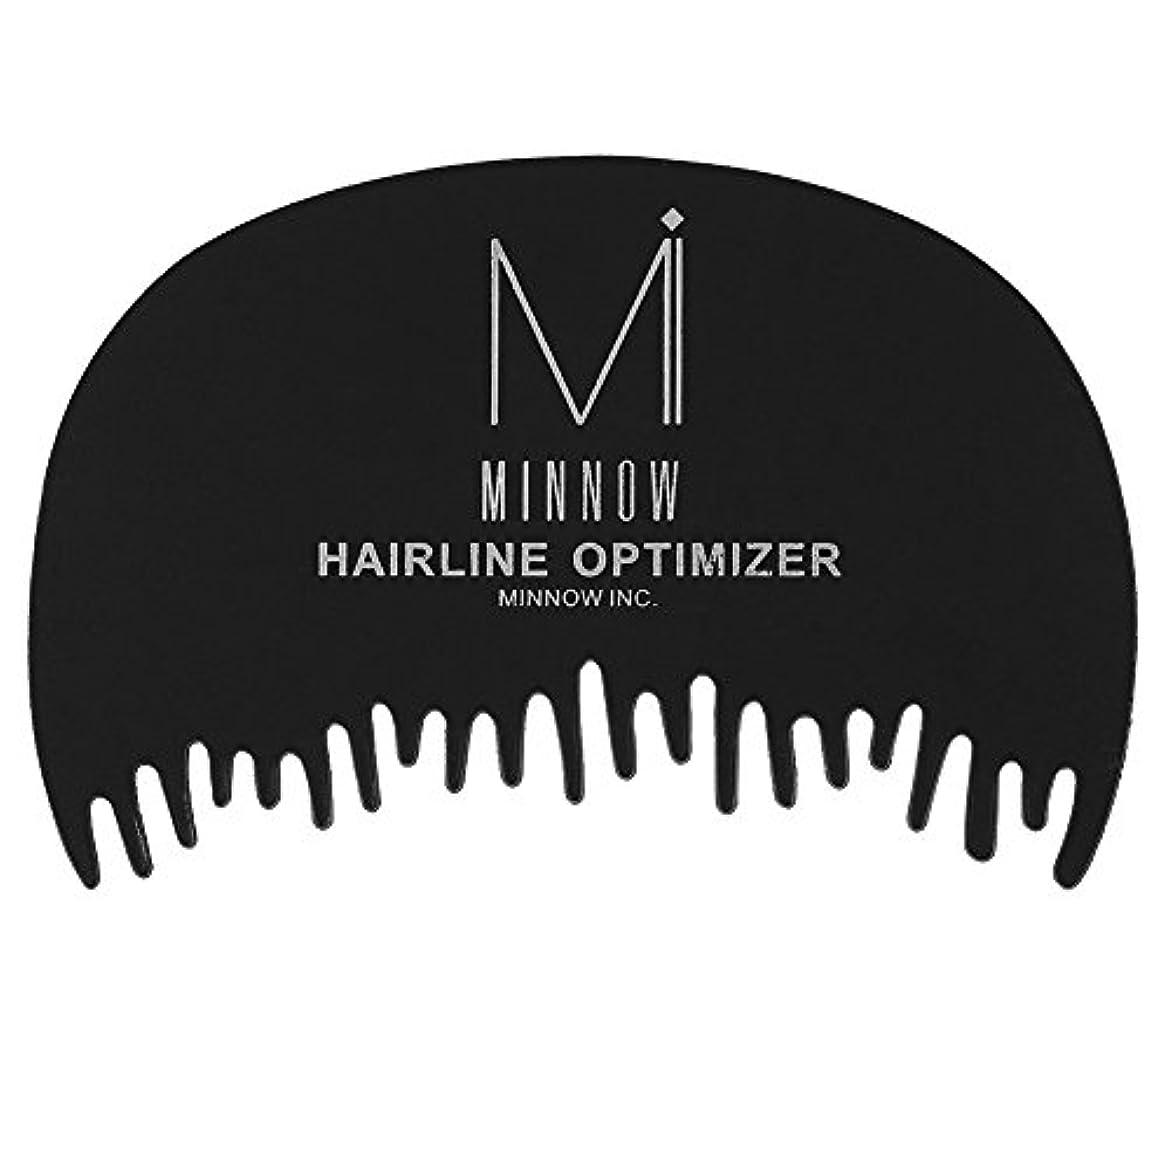 見る人カウボーイ祖先ヘアラインコーム、ヘアドレッサー細い毛繊維の前髪ヘアラインオプティマイザーフィルムプラスチック専用コーム、プロフェッショナルビューティーサロン製品アクセサリー